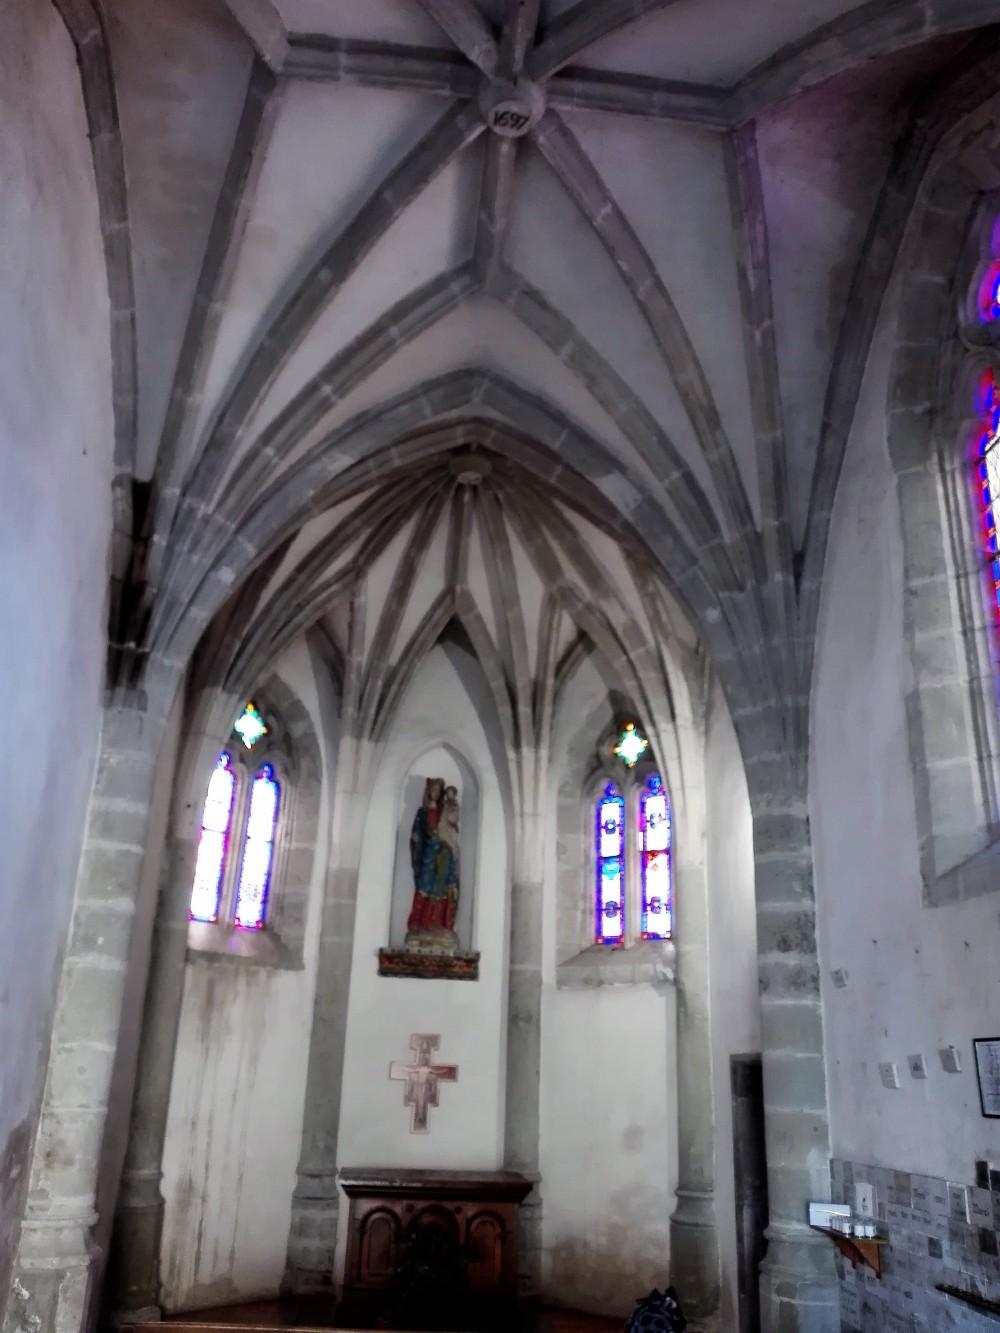 Carcasona-capilla-nuestra-senora-de-la-salud-donviajon-puente-viejo-francia